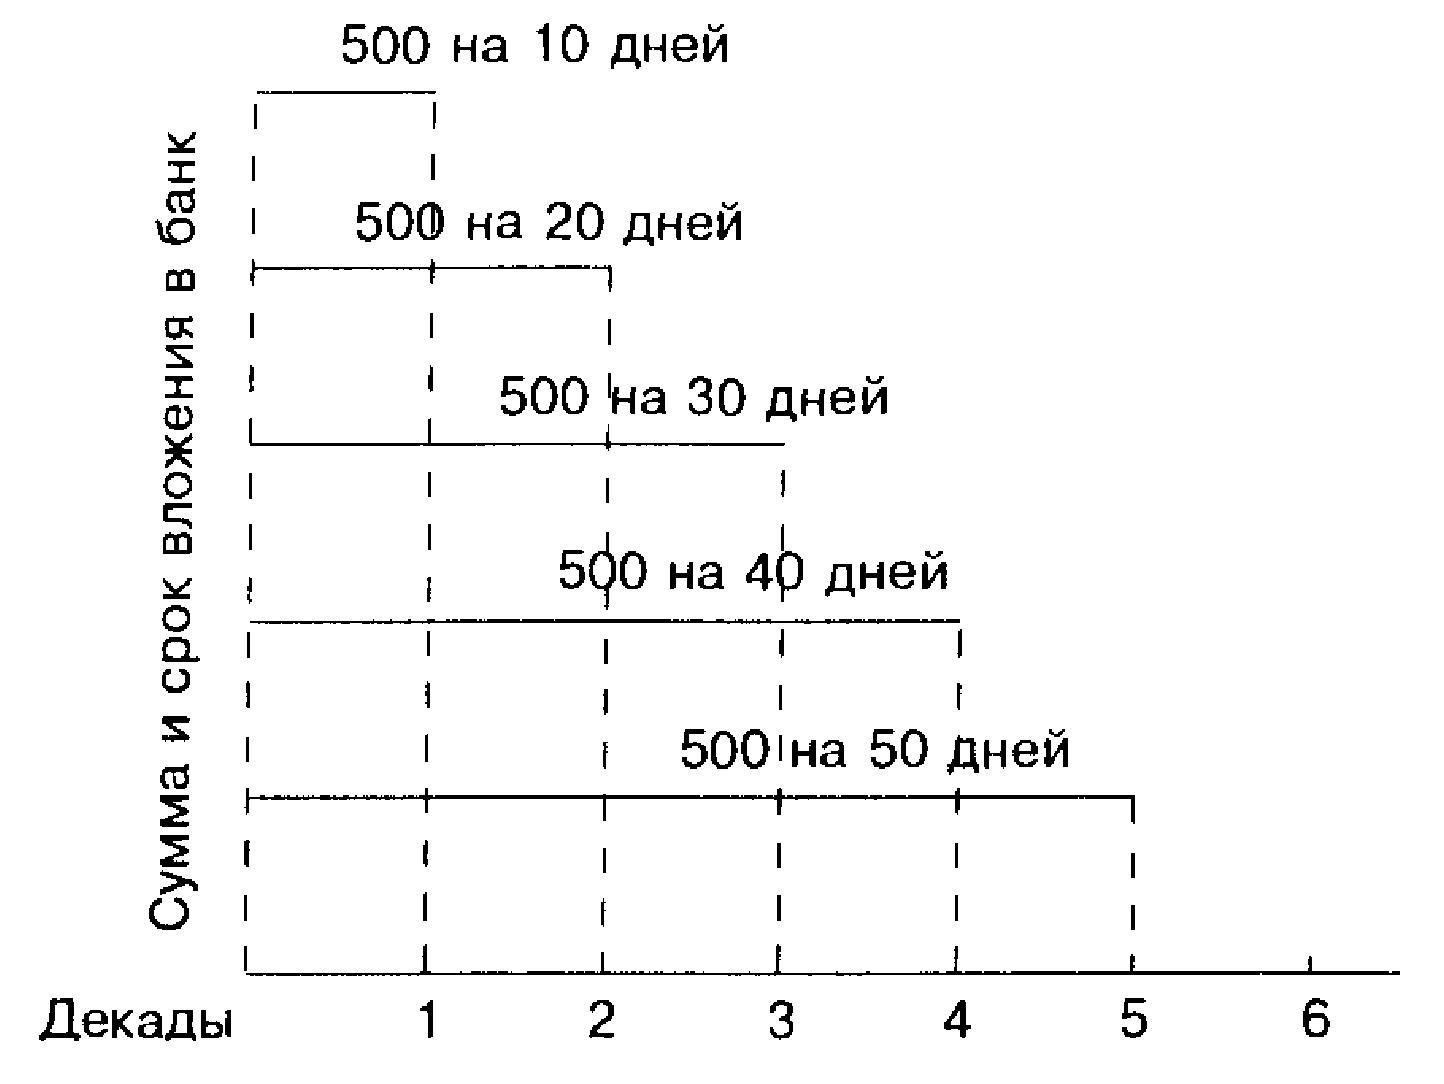 Схема возможного размещения средств на депозите